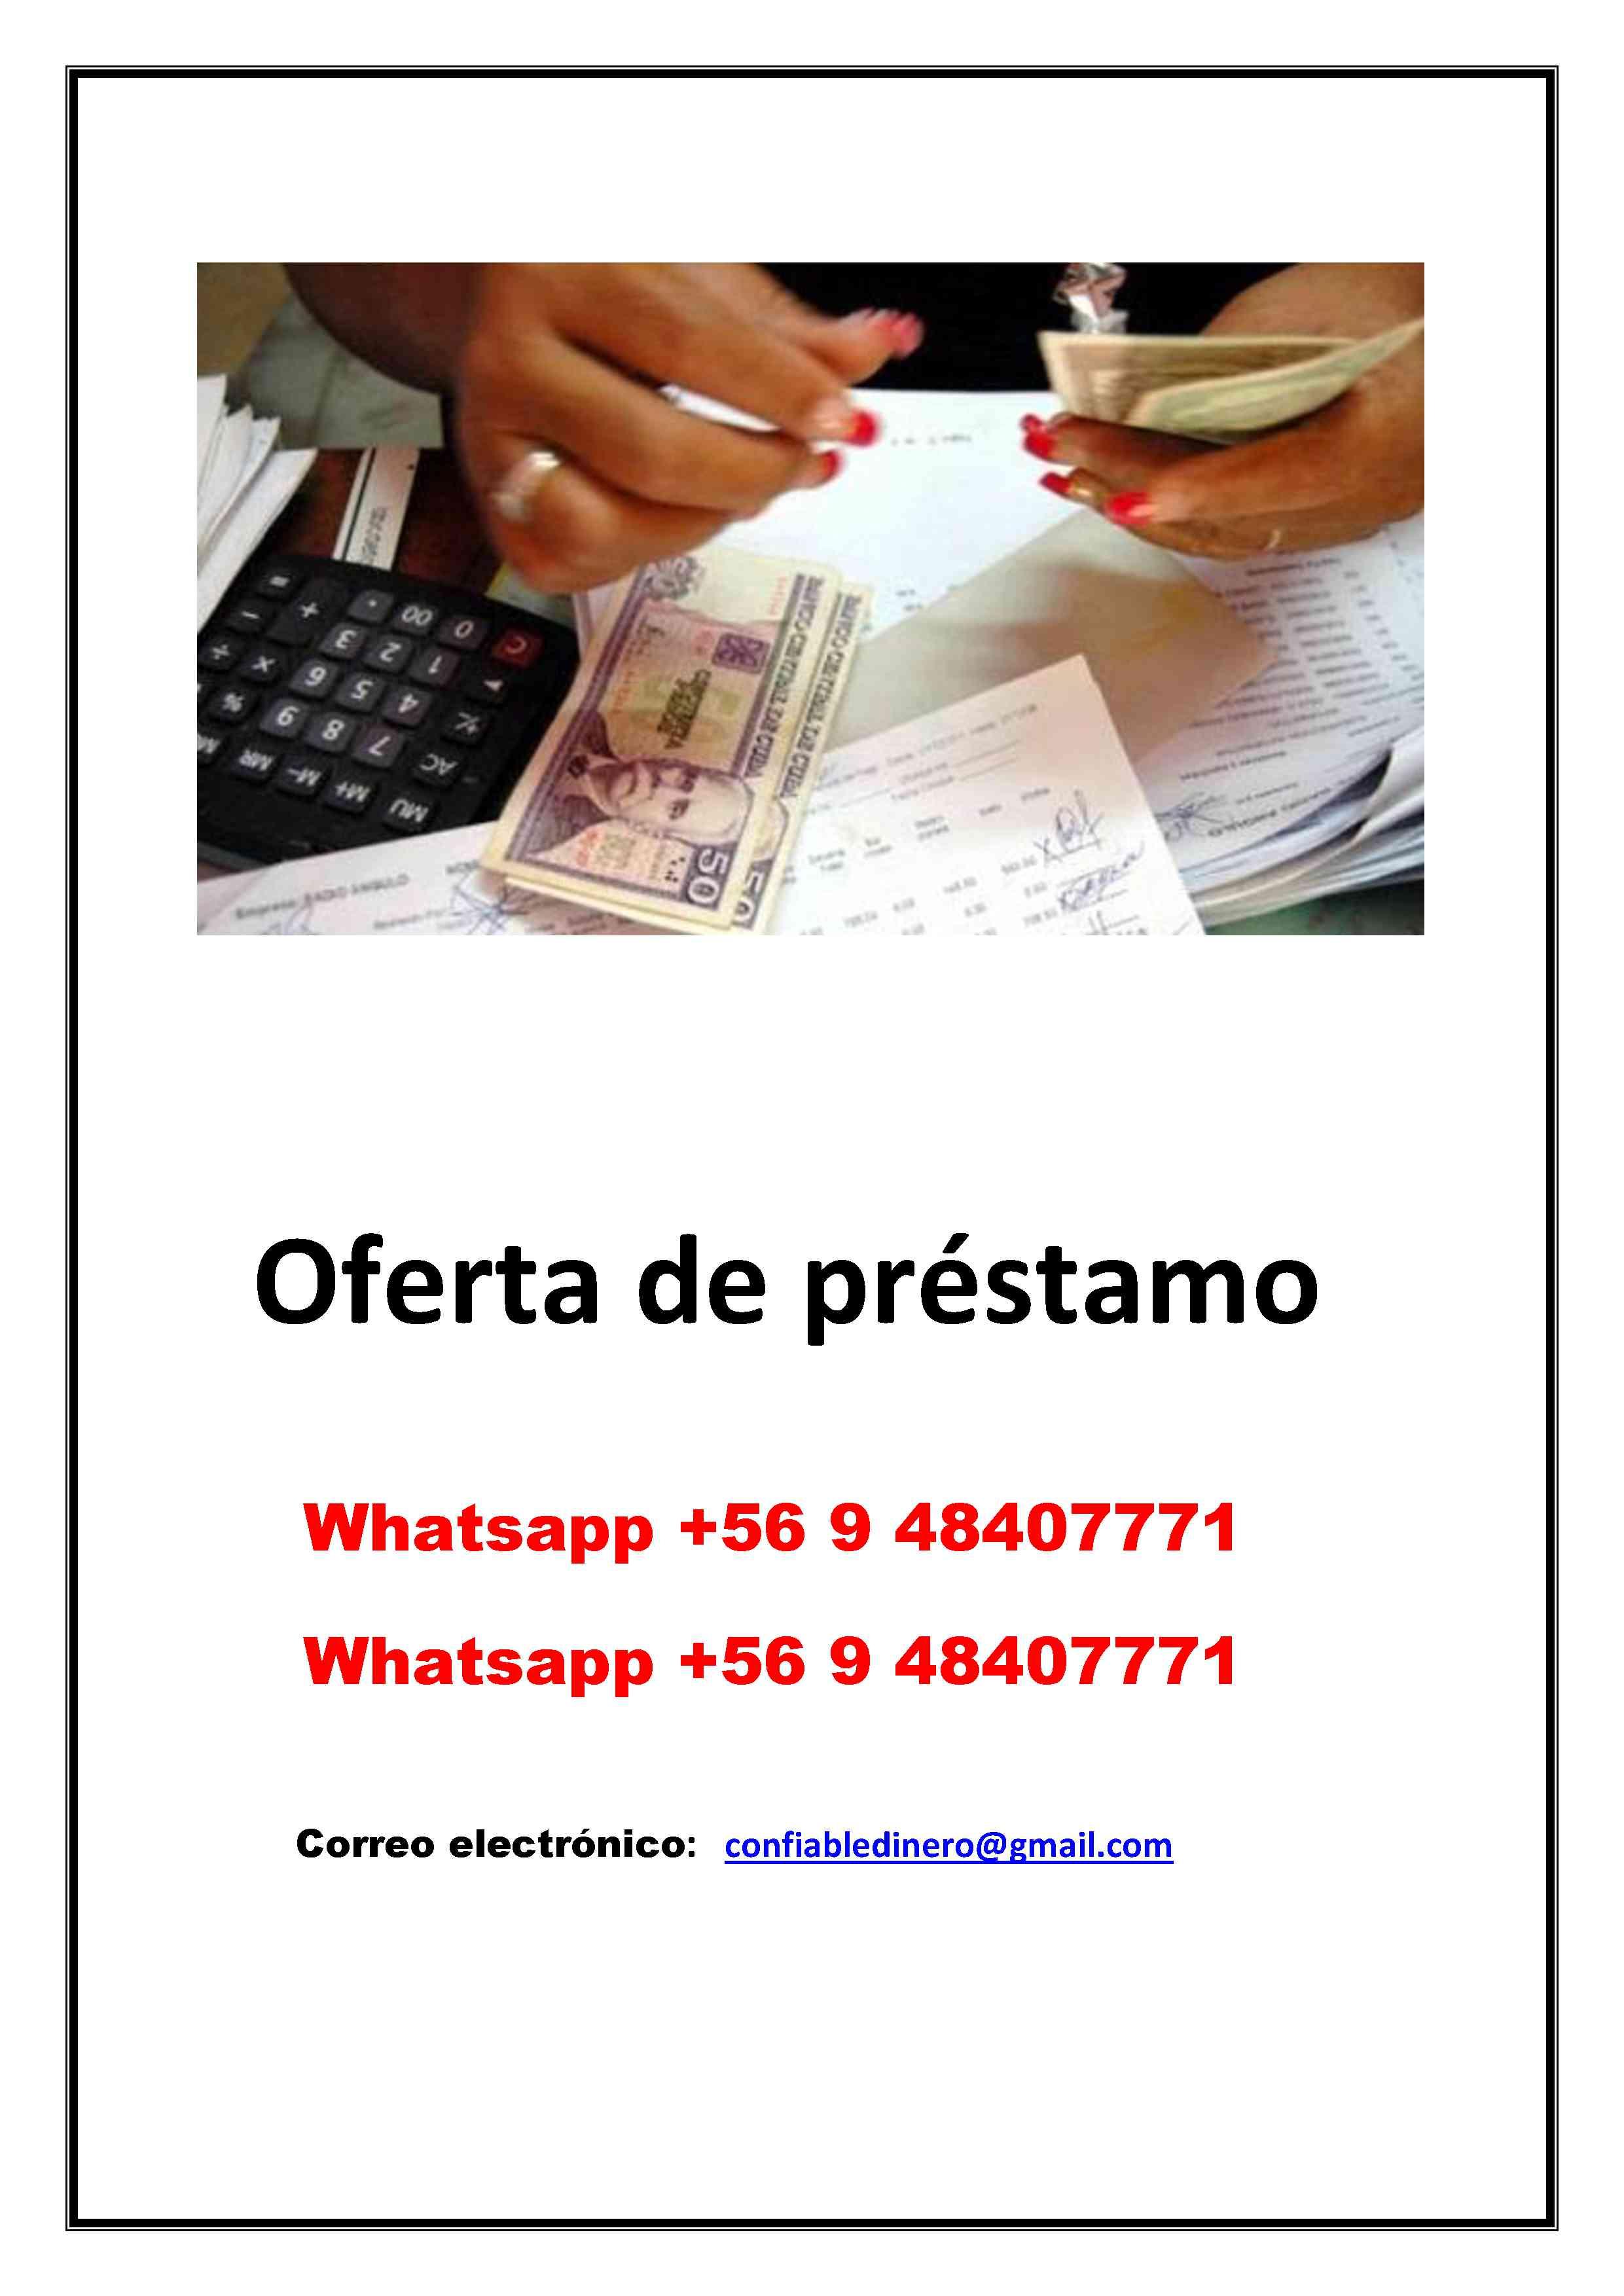 Oportunidad de negocio séguro   Whatsapp  :  +56 9 48407771